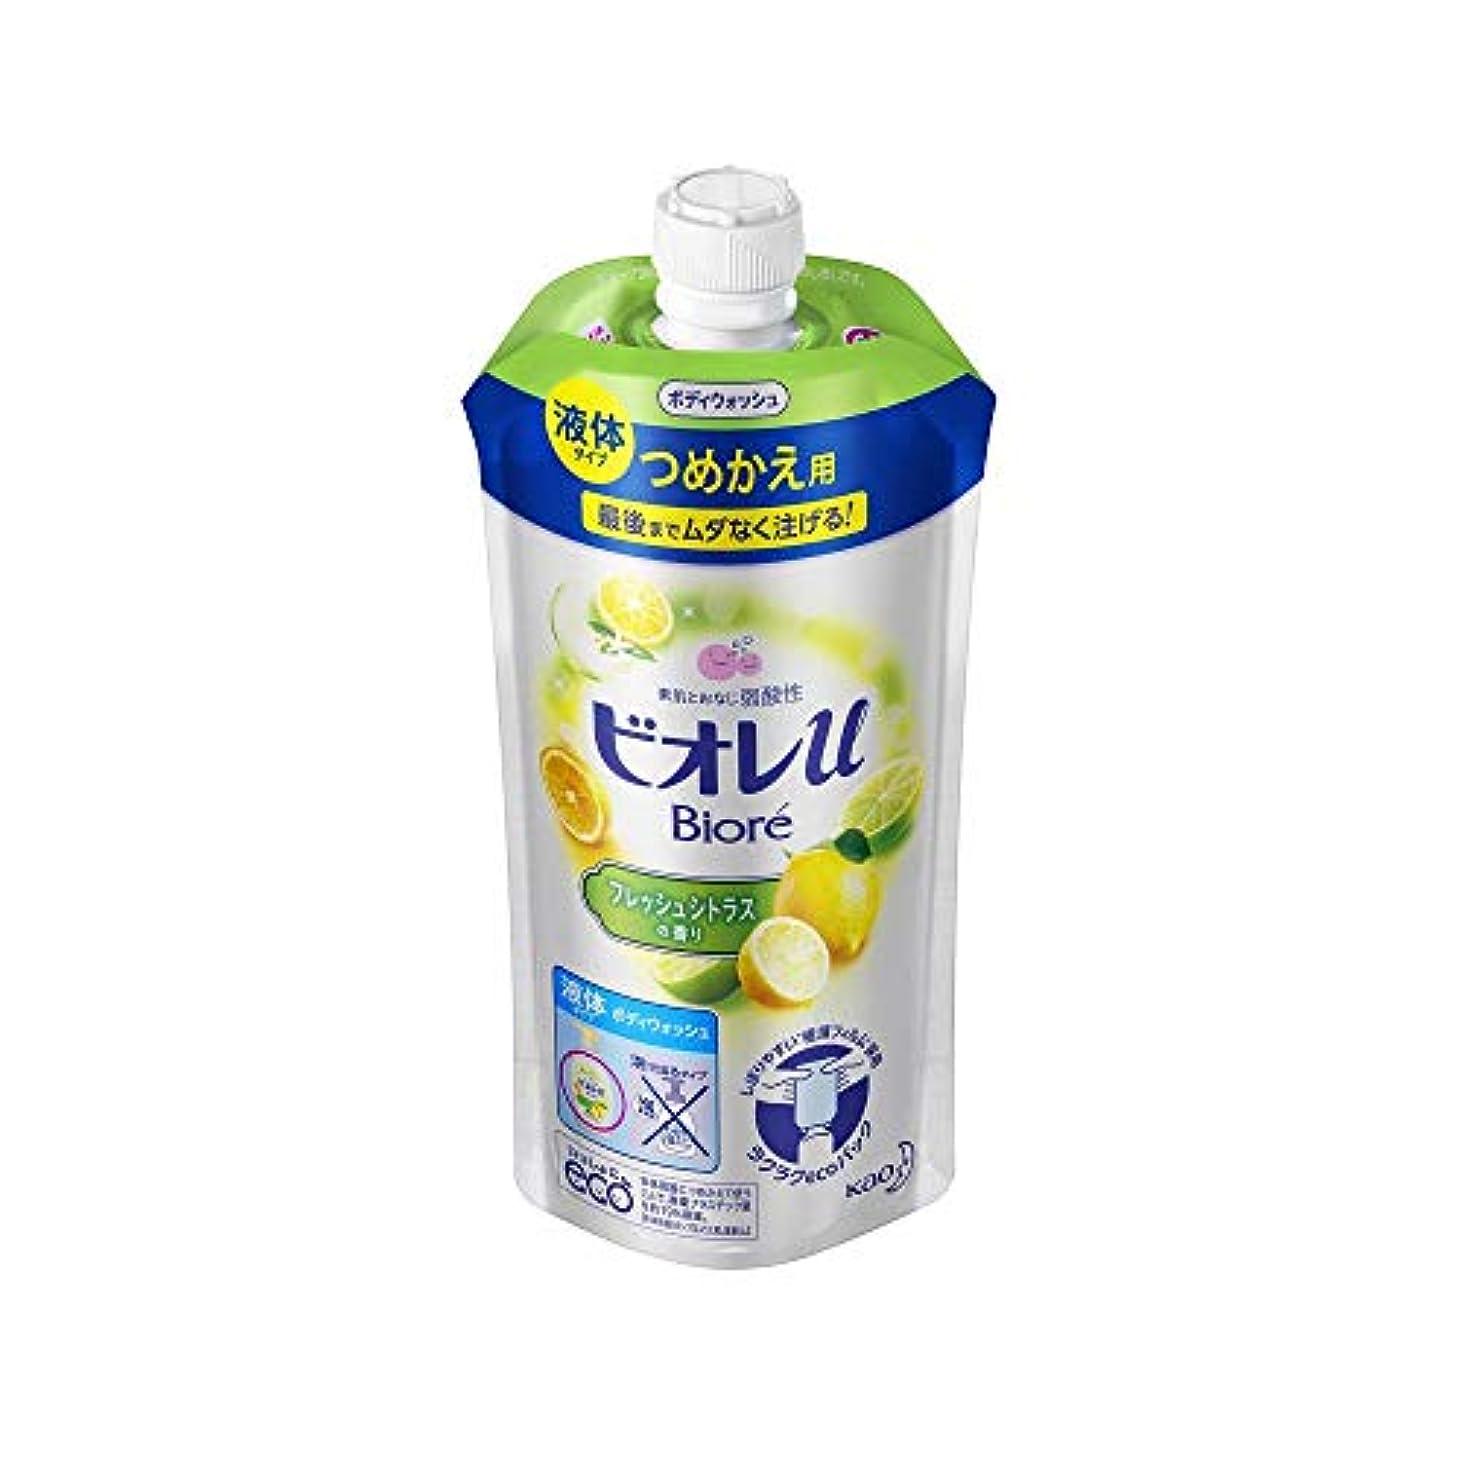 主婦慣らす意味のある花王 ビオレu フレッシュシトラスの香りつめかえ用 340ML